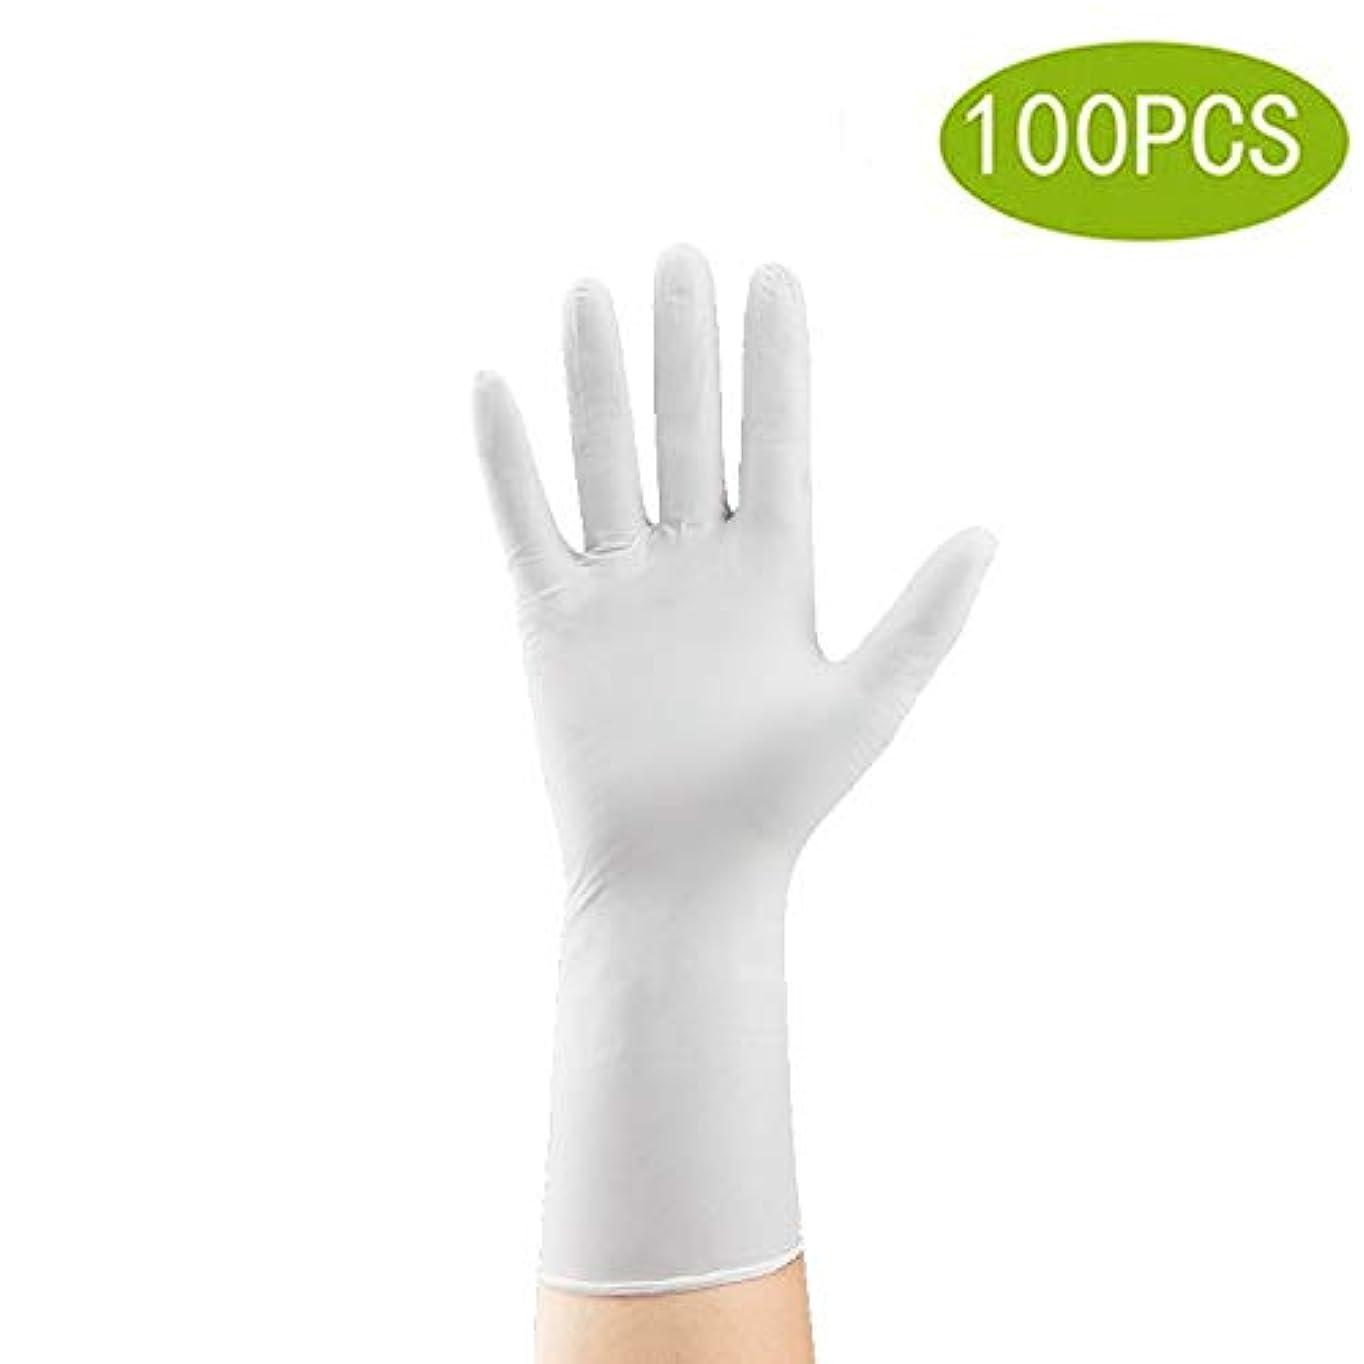 子供っぽい定数思い出させる12インチメディカル試験ラテックス手袋| Jewelry-stores.co.uk5ミル厚、100個入りパウダーフリー、無菌、頑丈な試験用手袋|病院用プロフェッショナルグレード、法執行機関、使い捨て安全手袋 (Size...